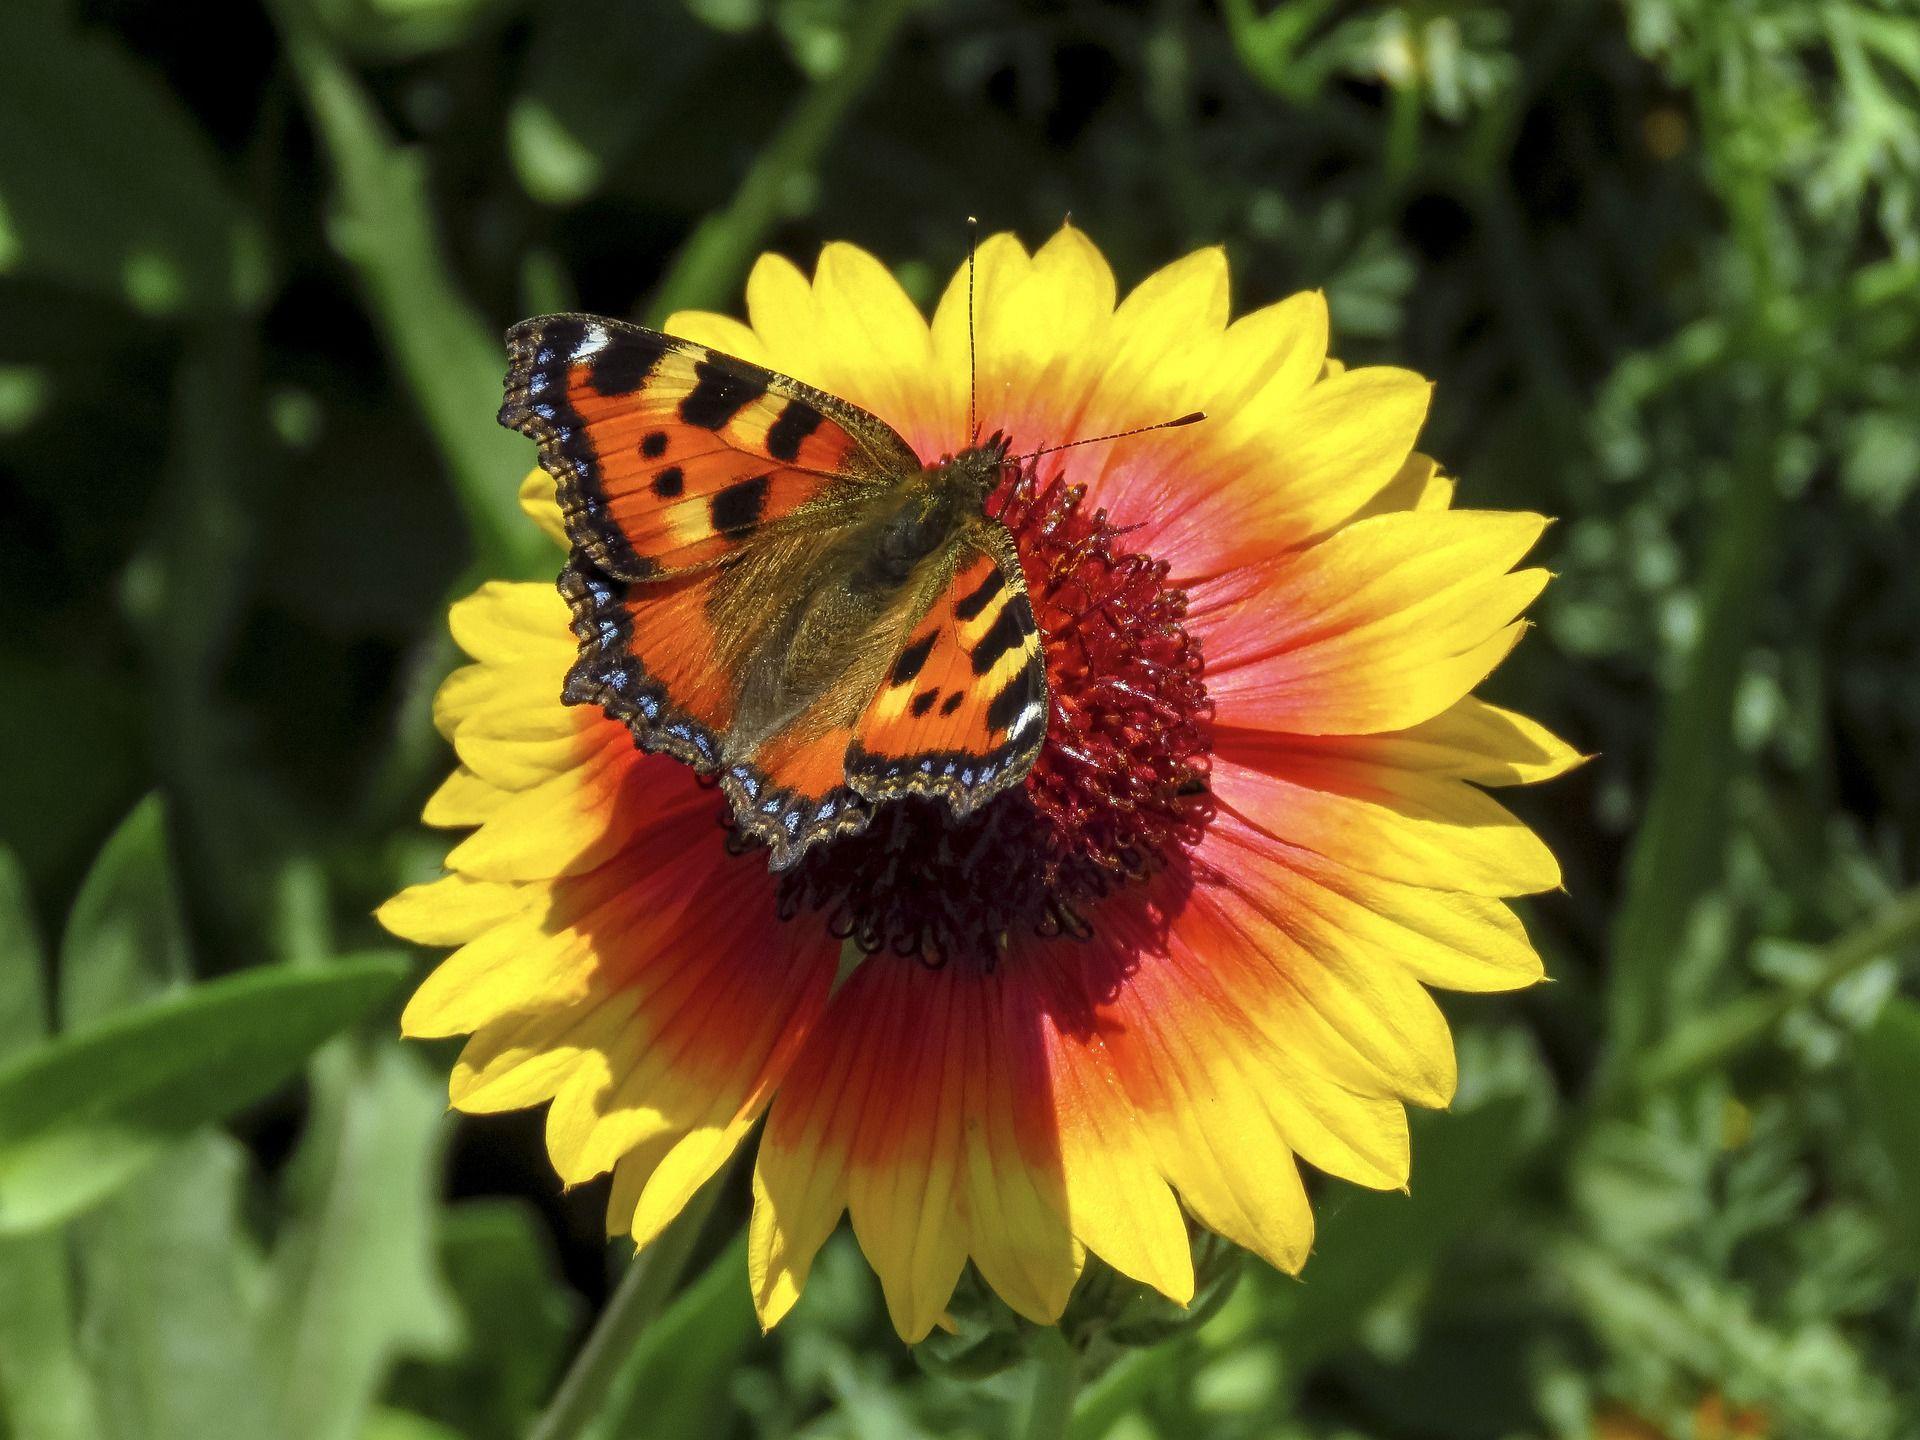 Скачать фото бабочки крапивницы